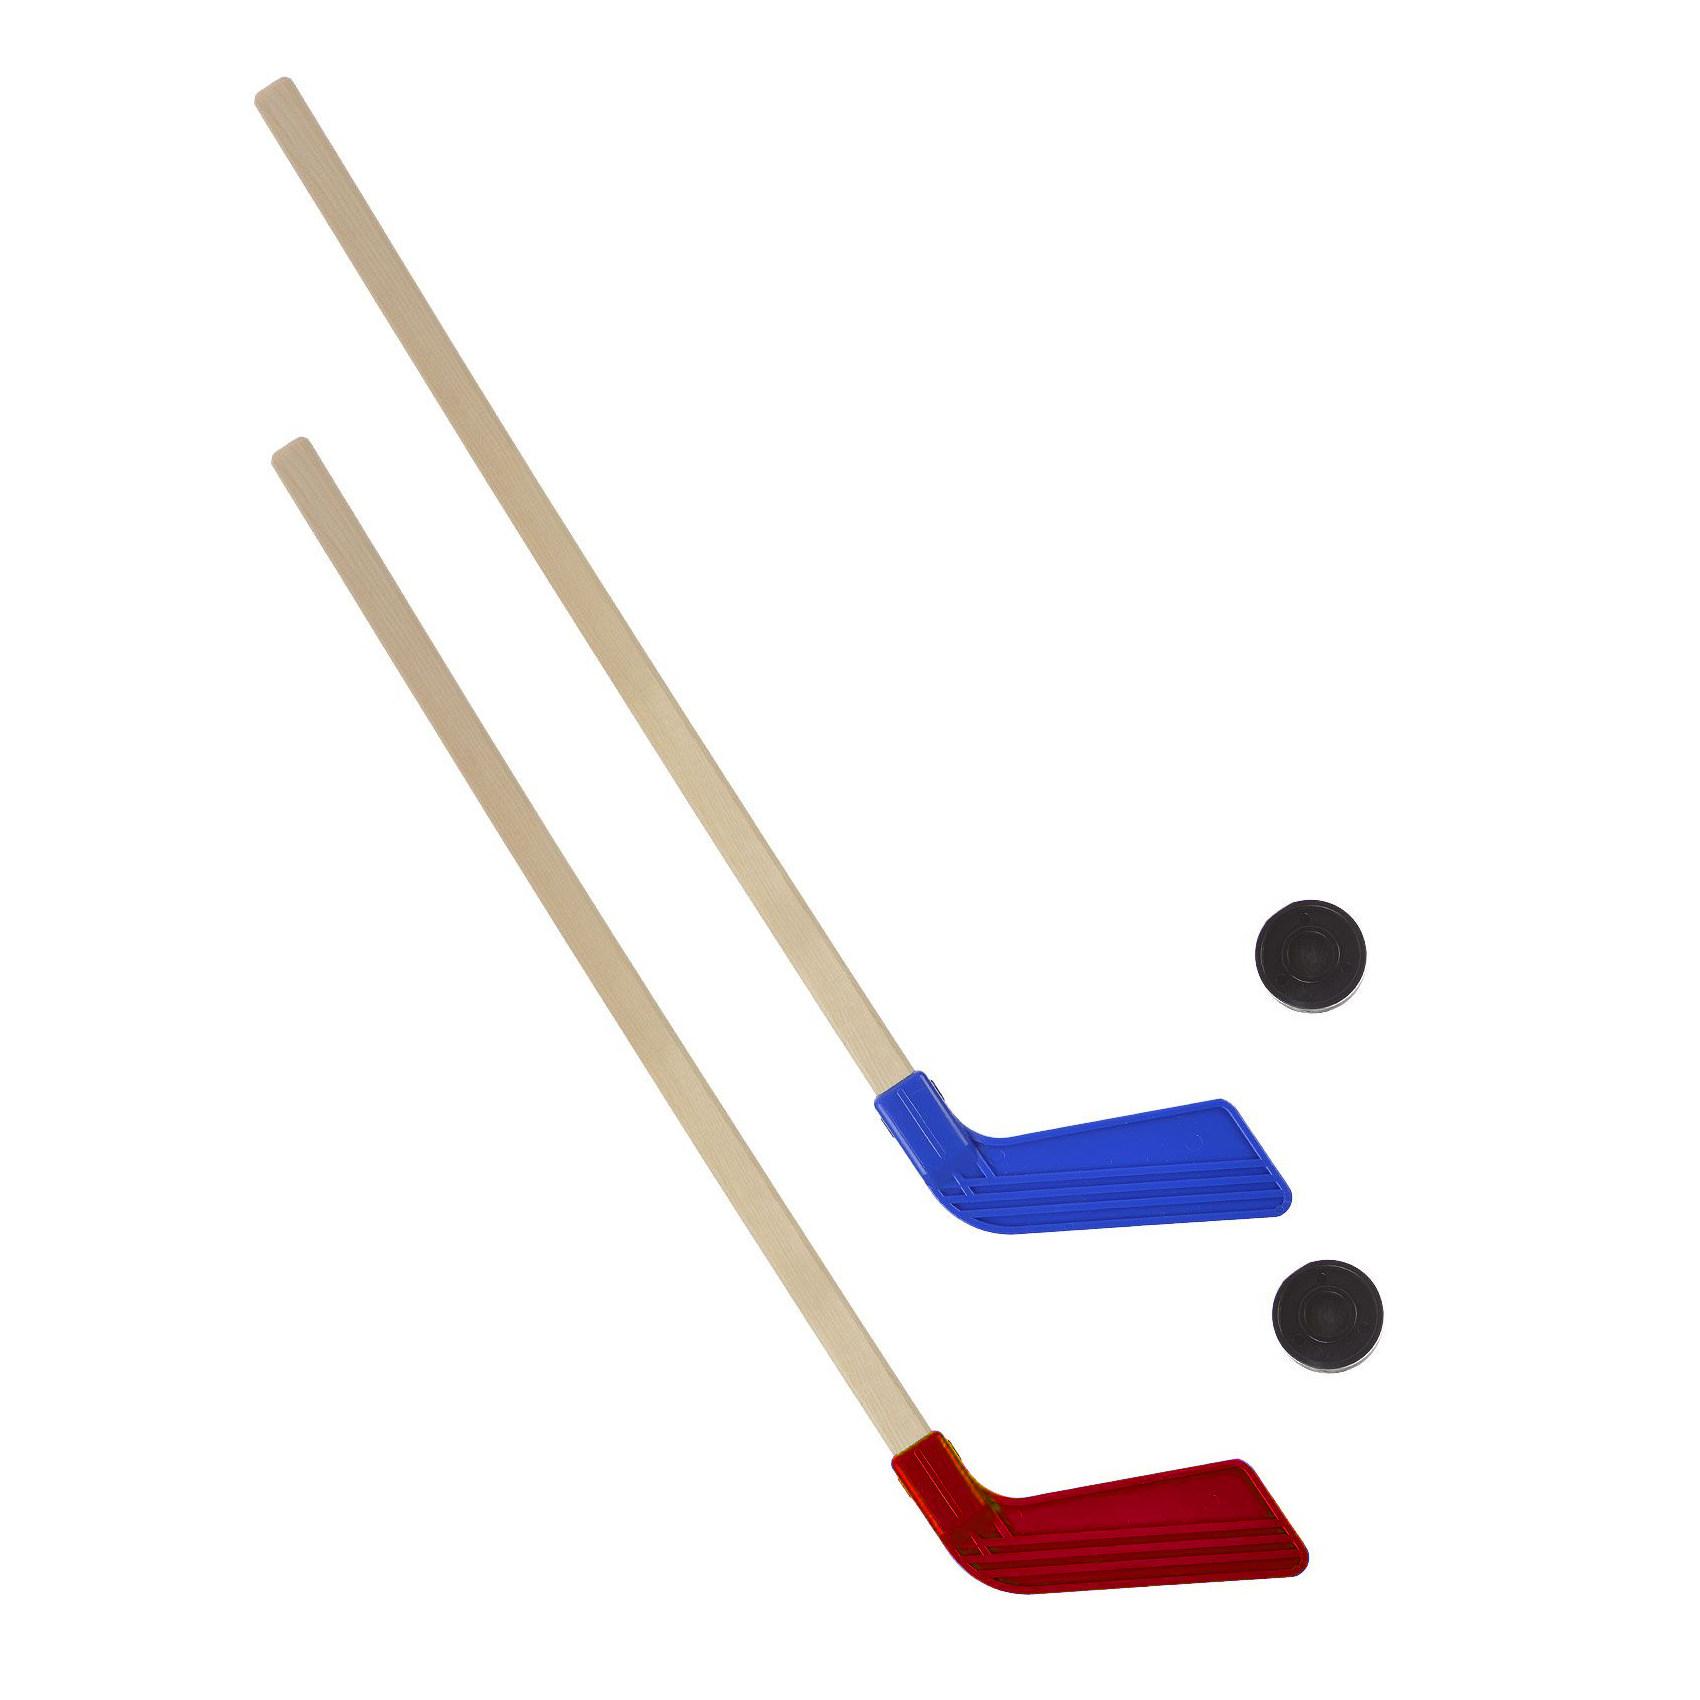 Клюшка хоккейная с шайбой в индивидуальной упаковкеРазное для зимних забав<br>Клюшка хоккейная с шайбой в индивидуальной упаковке<br>